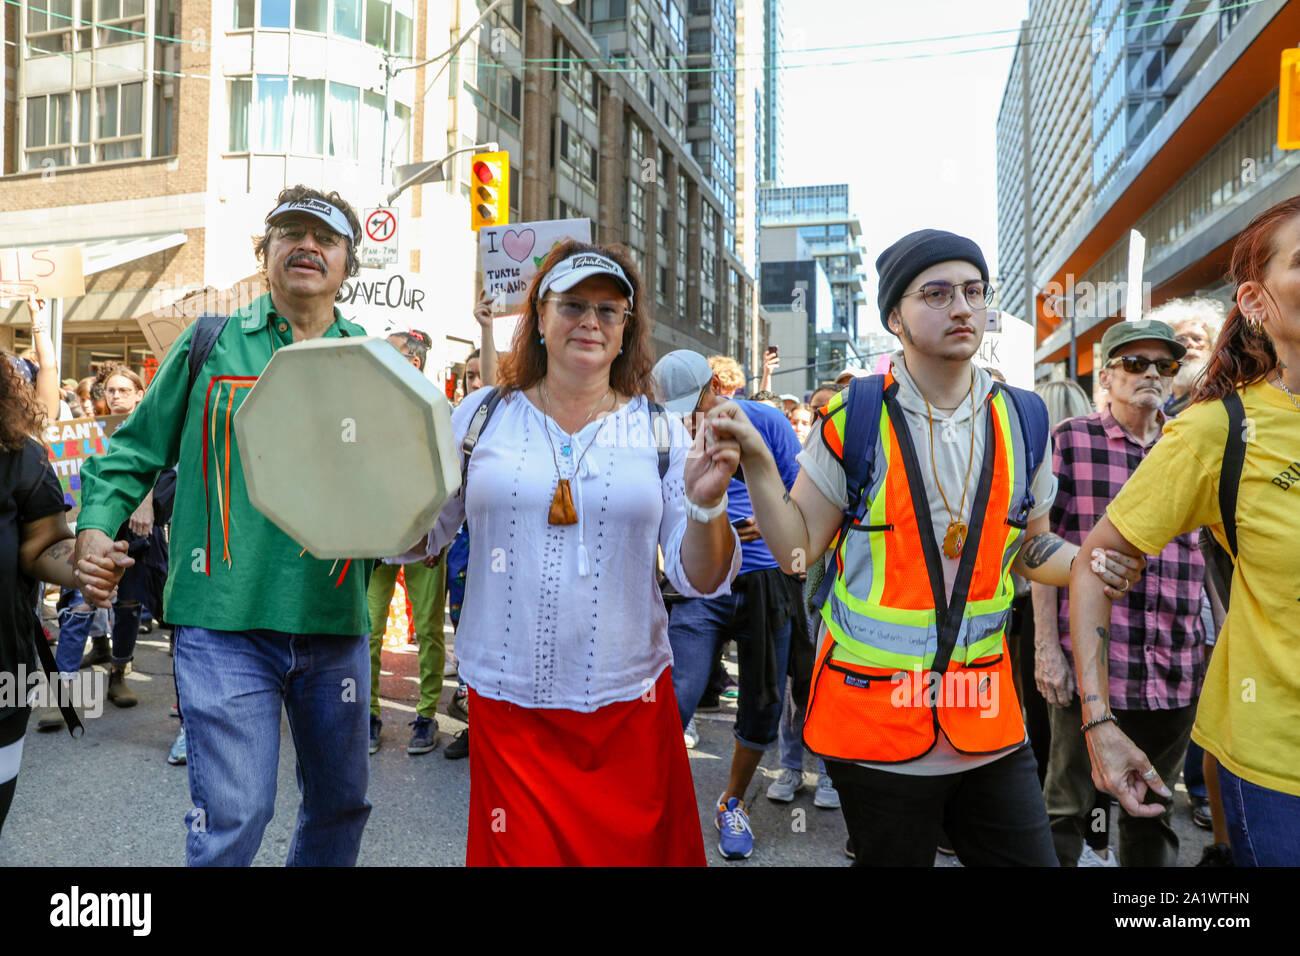 TORONTO, Ontario, Canadá - 27 de septiembre de 2019: 'Viernes' para el futuro cambio climático protesta. Miles de personas marchan con signos. Foto de stock